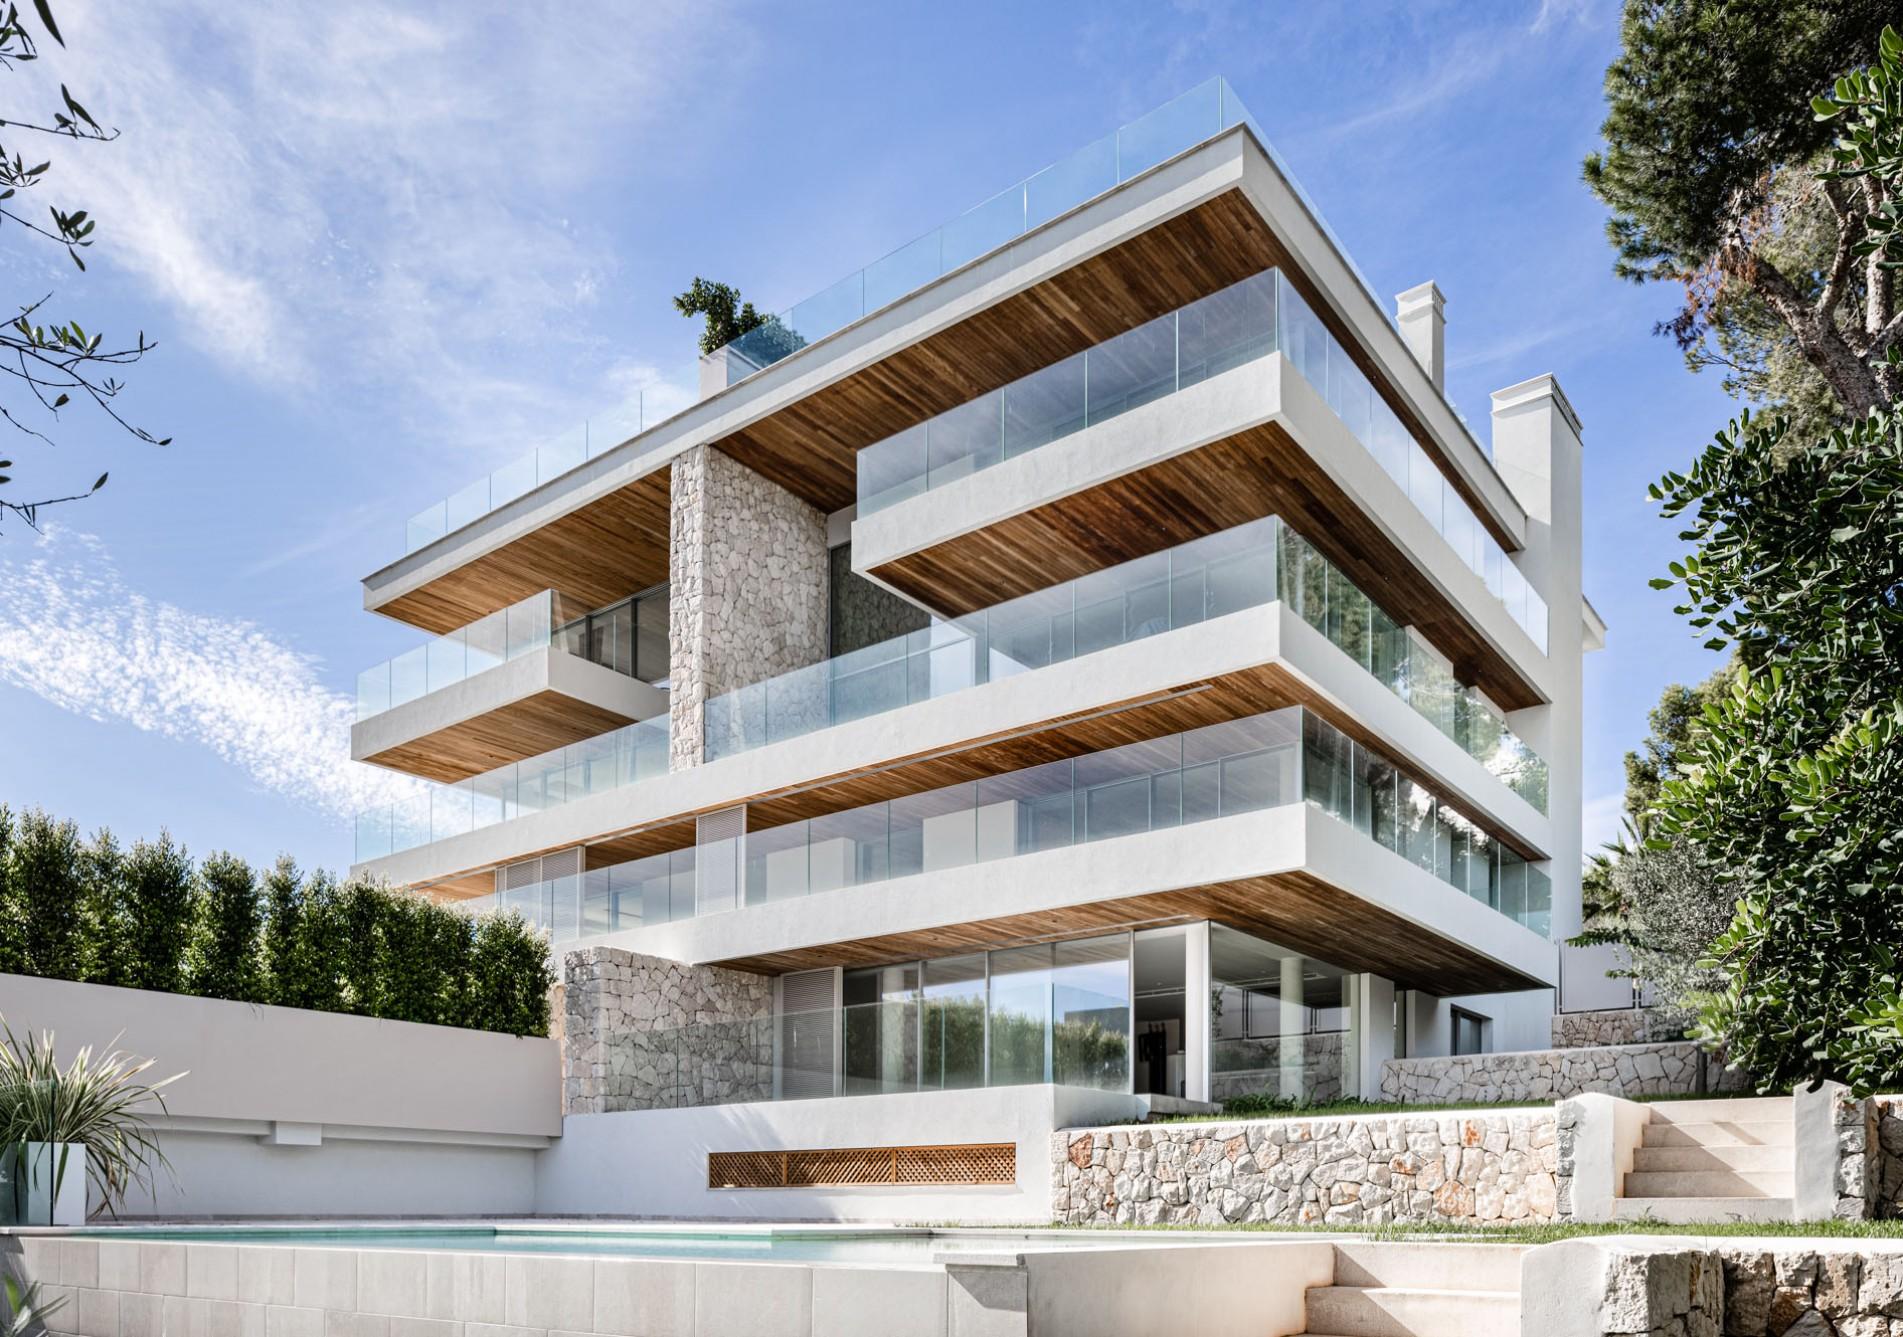 grupo-ferra-constructora-calidad-residencial-lujo-bell-puig-mallorca-slide.jpg